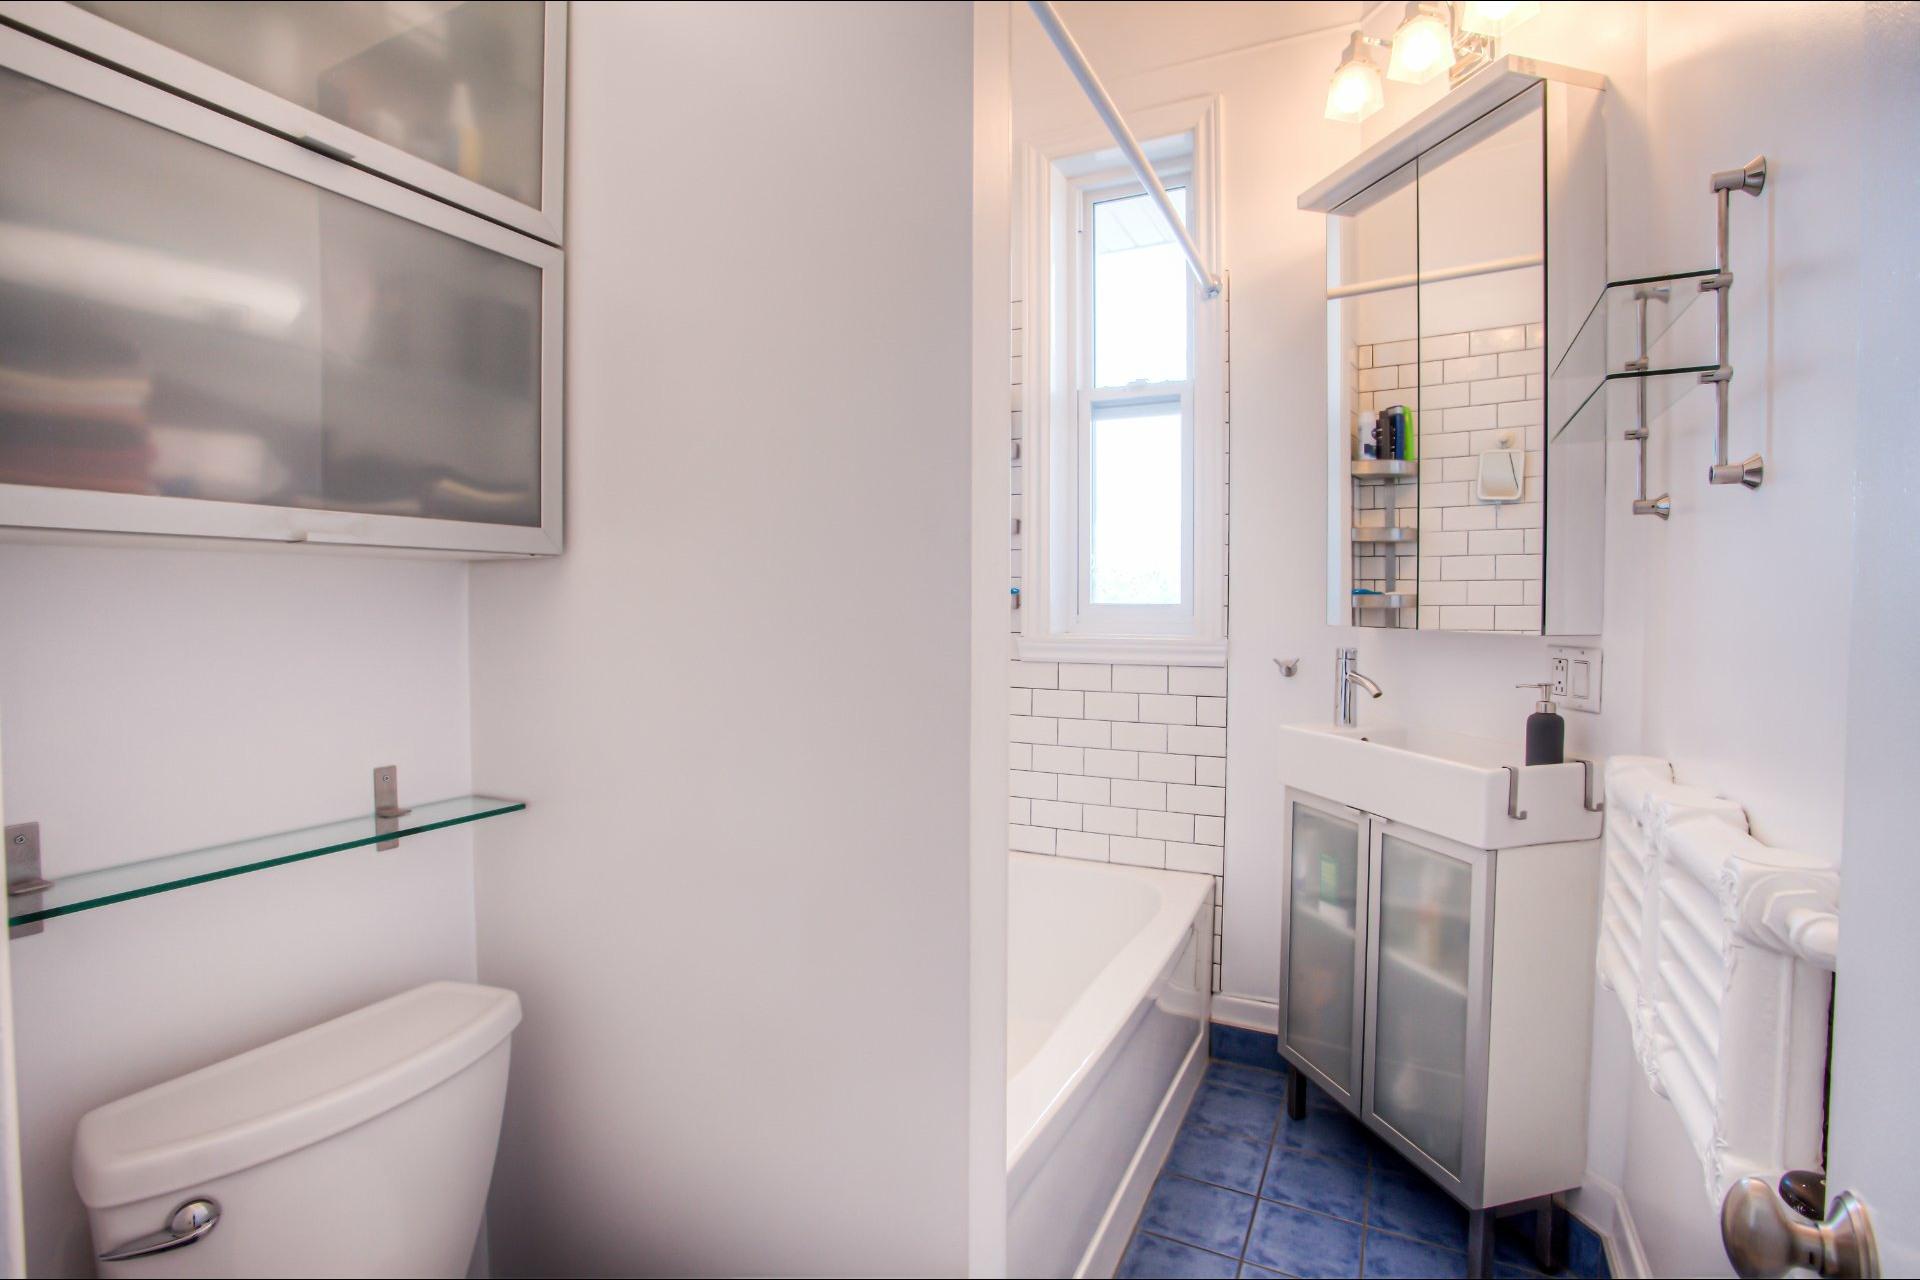 image 19 - Appartement À vendre Rosemont/La Petite-Patrie Montréal  - 8 pièces